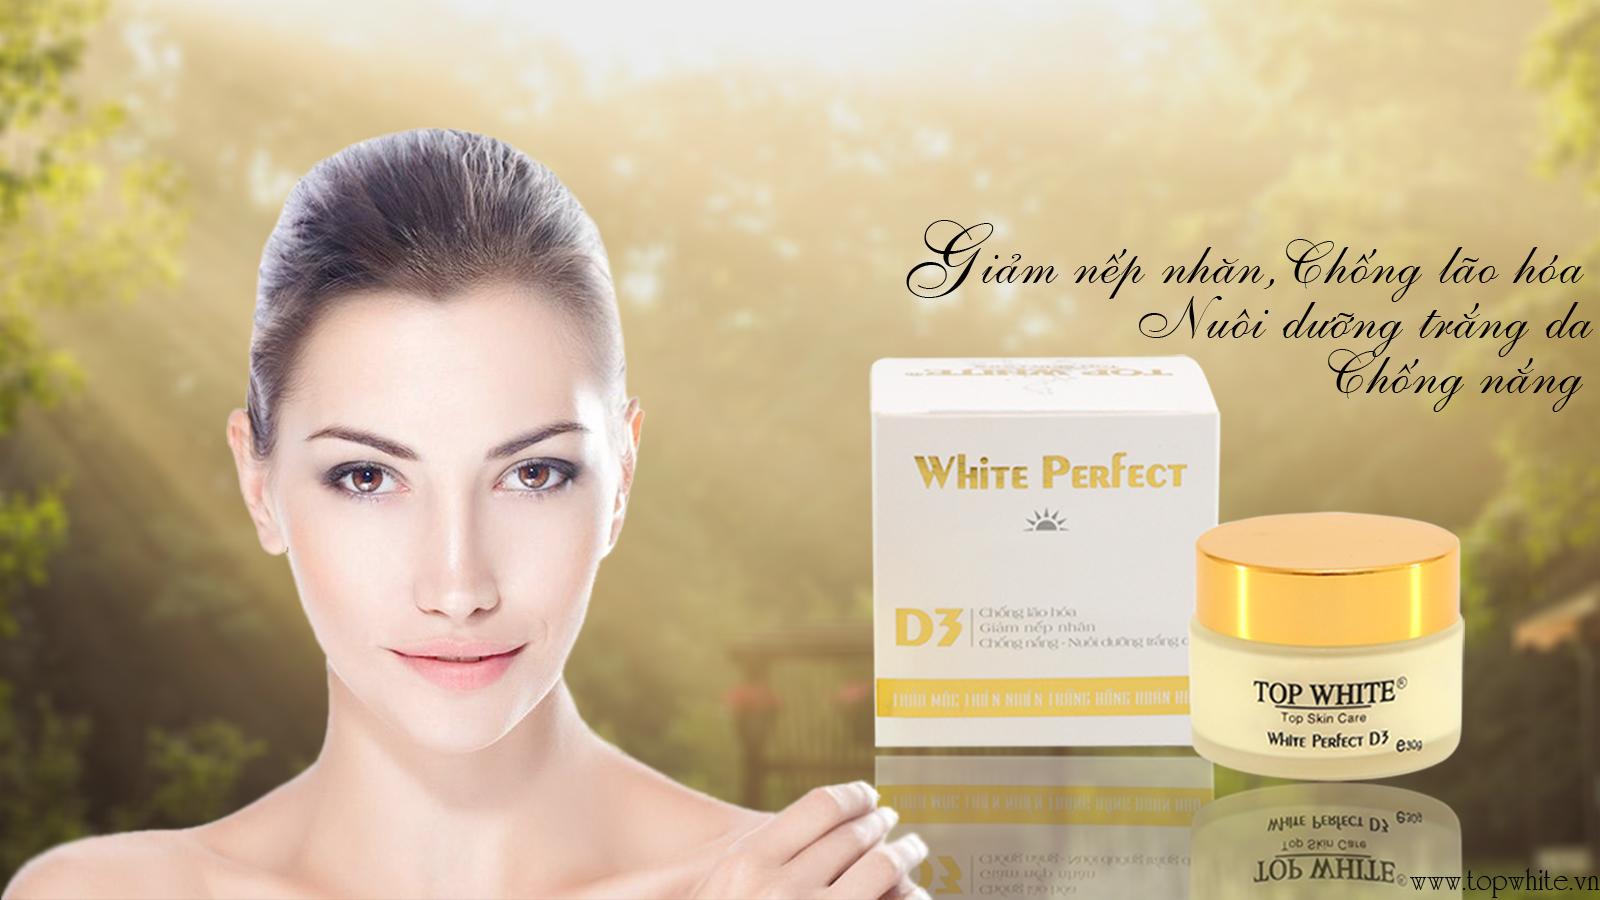 White Perfect D3 kem dưỡng trắng da trị nám, chống lão hóa ban ngày